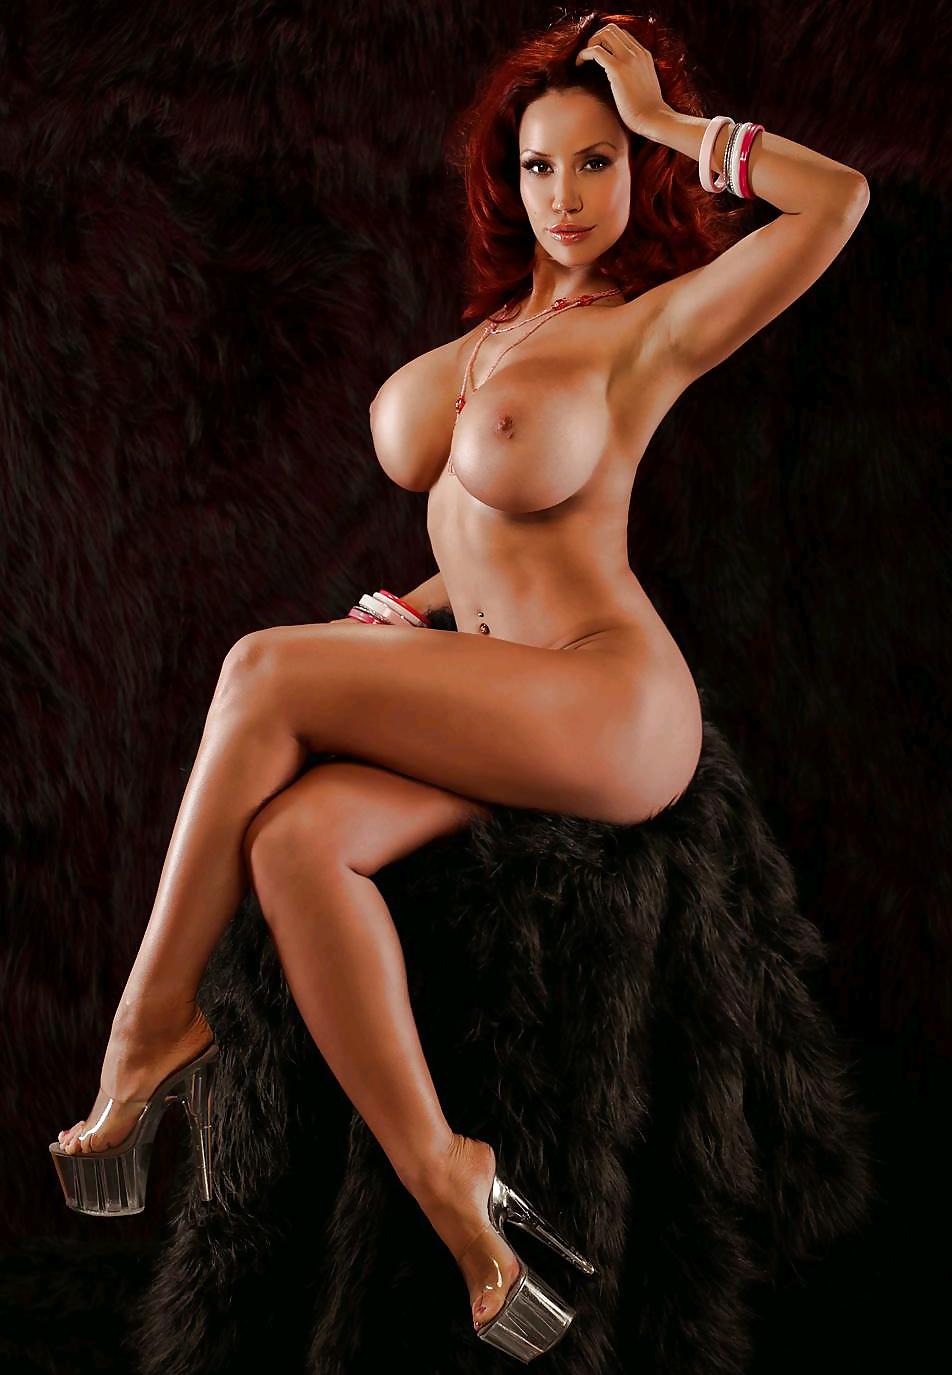 Erotic photos of group bianca